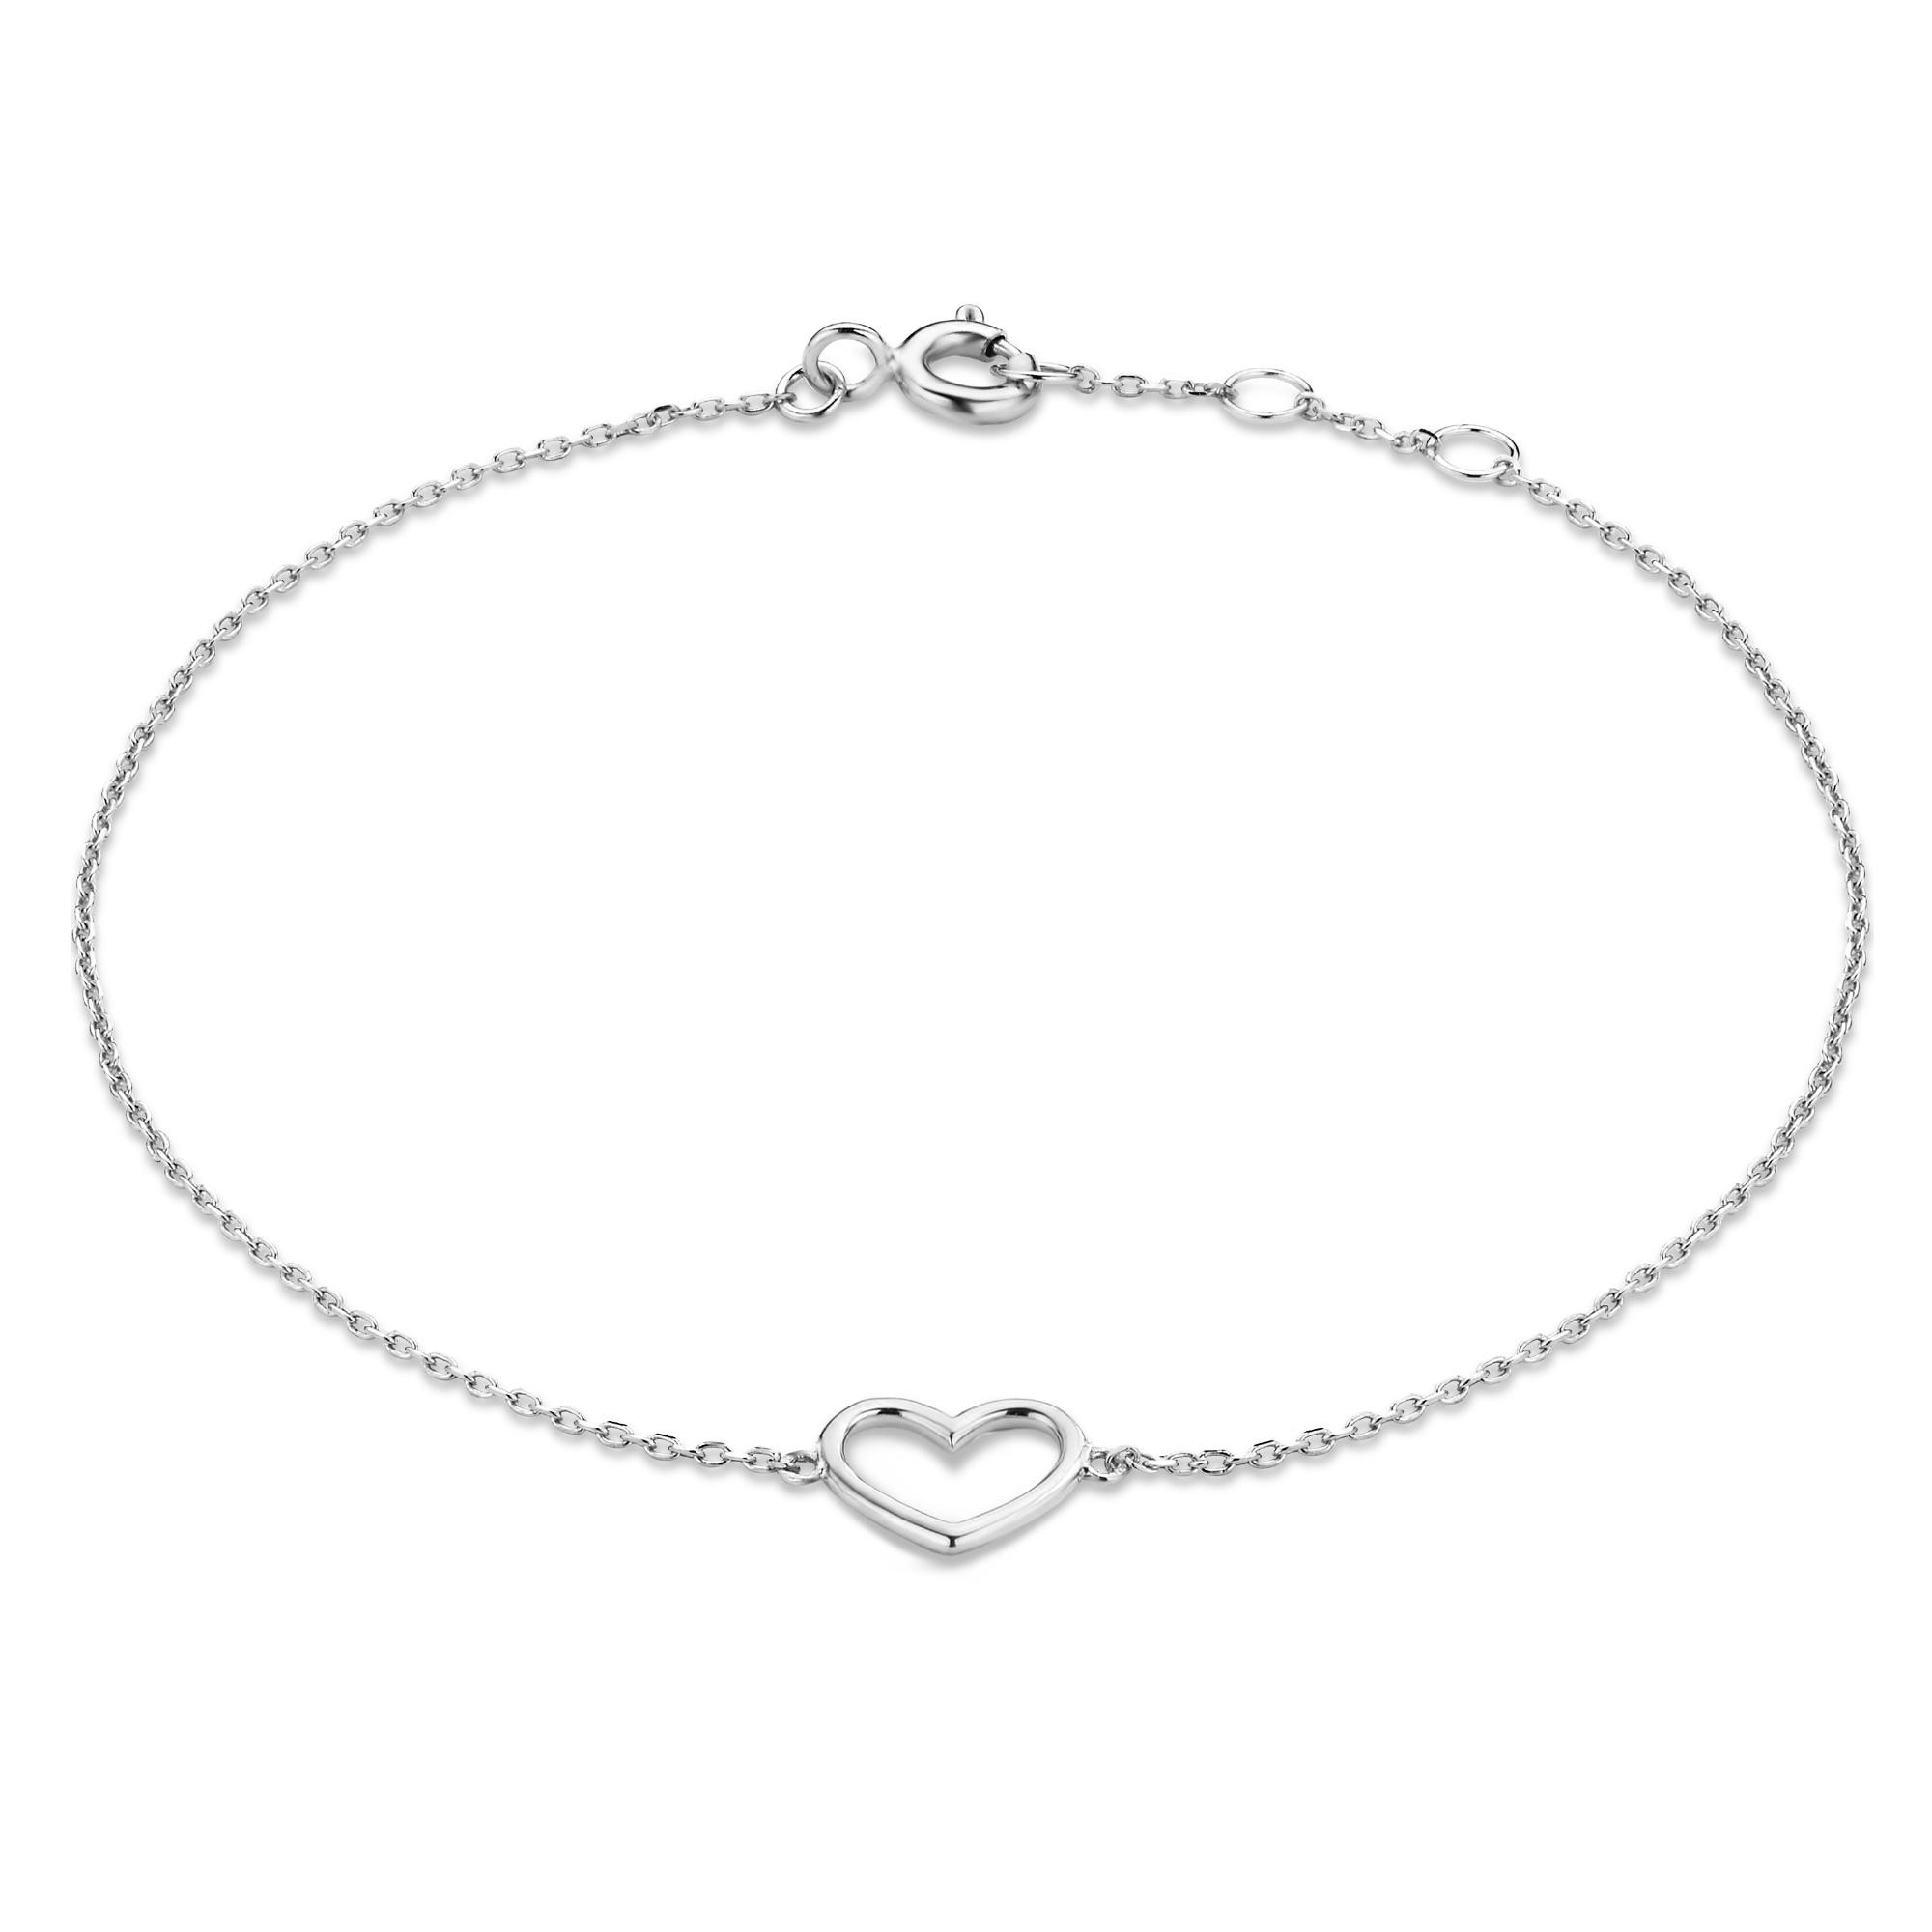 Isabel Bernard Saint Germain Alix 14 karat hvidguld armbånd med hjerte